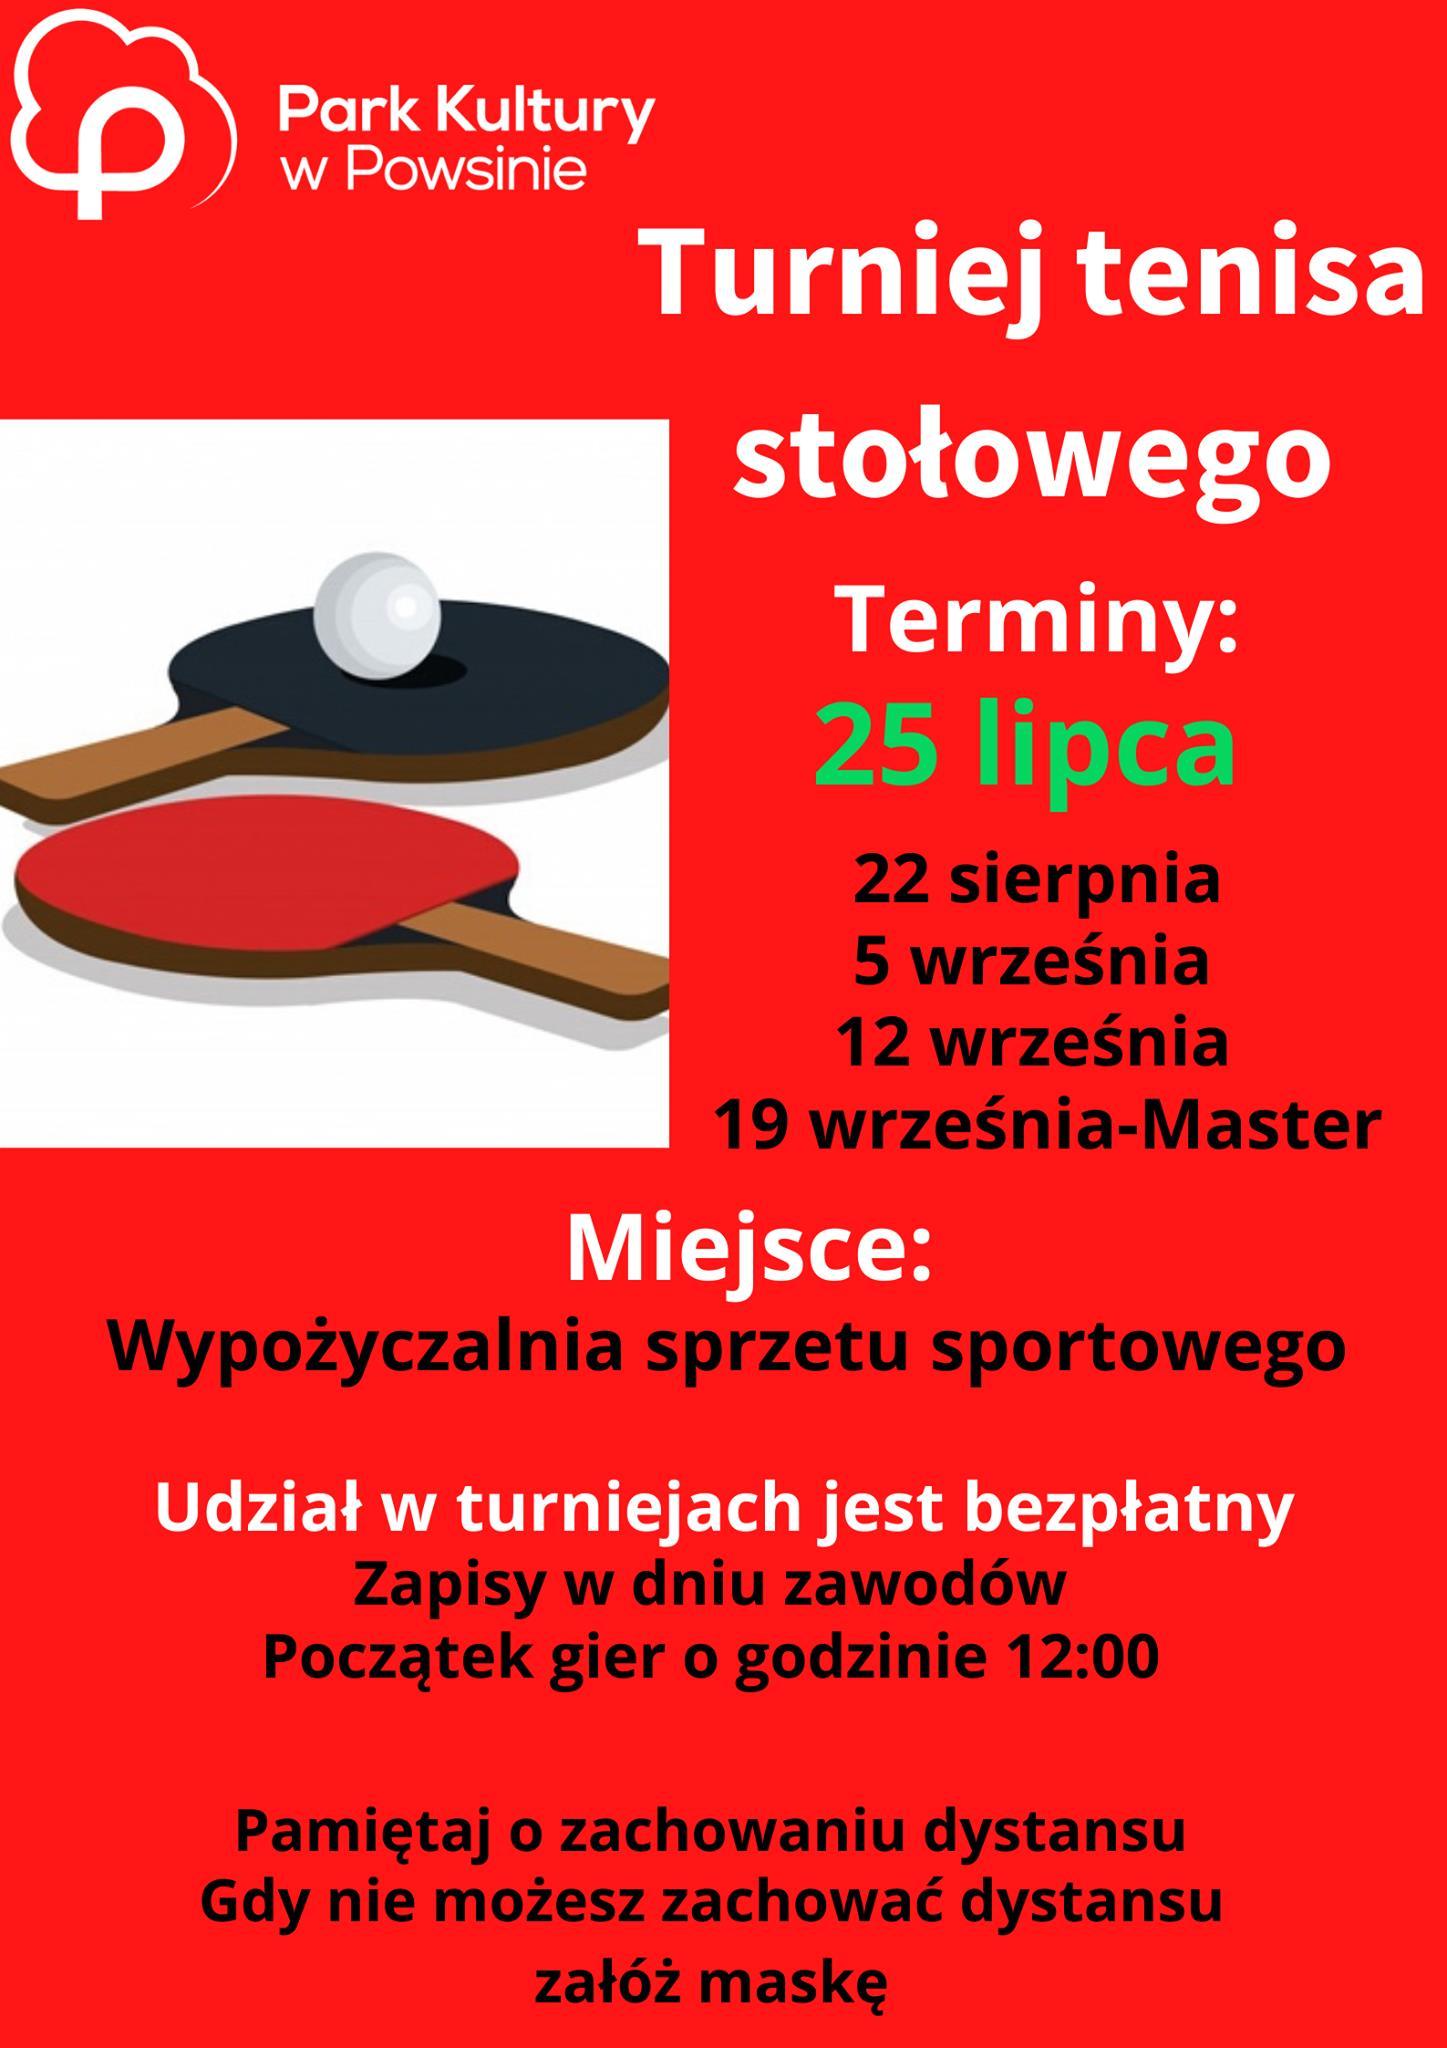 Plakat turnieju Cykl turniejów w tenisie stołowym w Parku Kultury w Powsinie 2020 - 5 termin